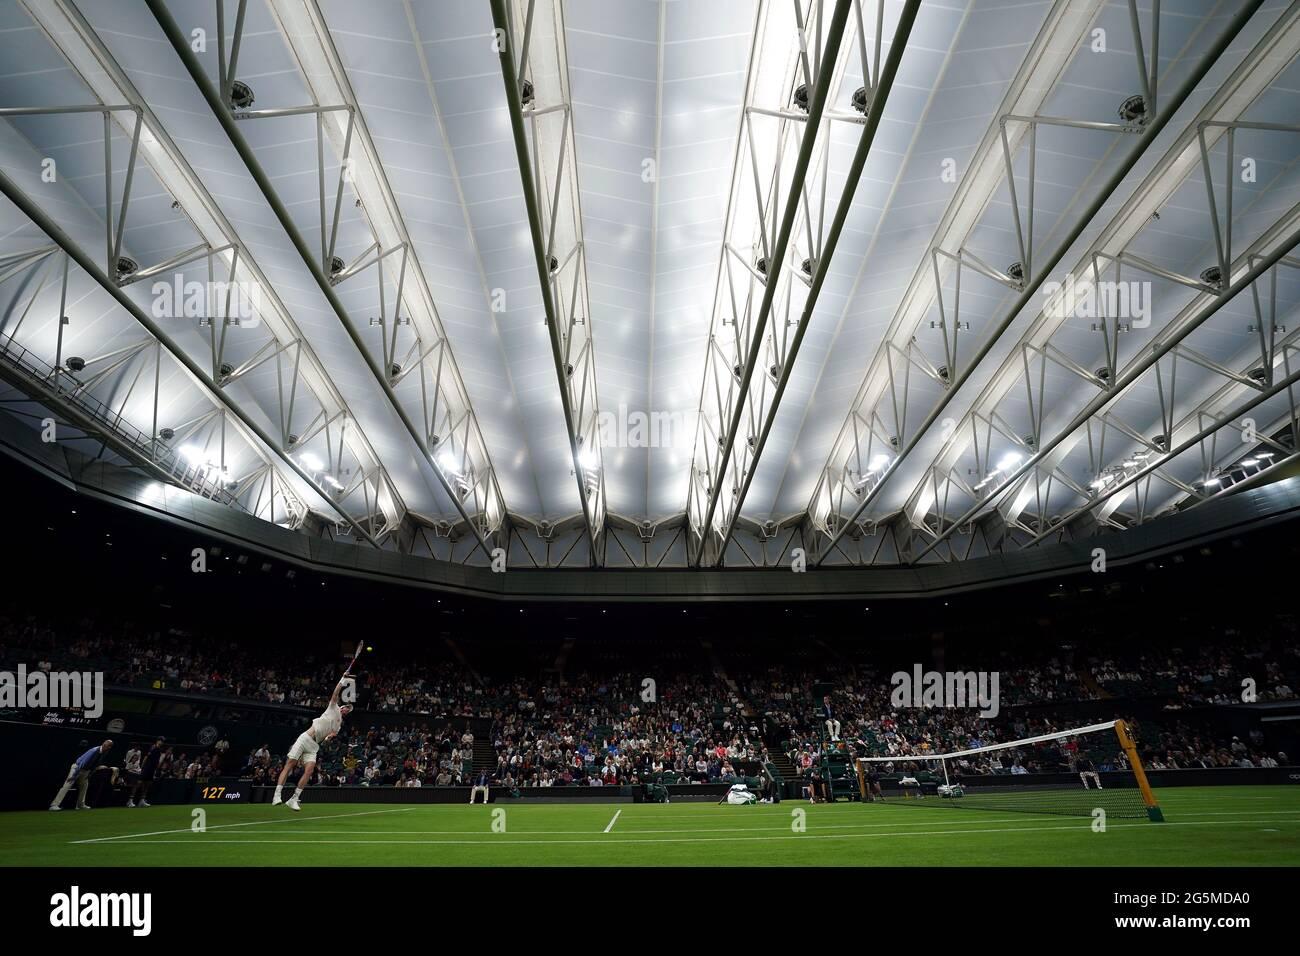 Andy Murray in azione sotto il tetto della corte centrale contro Nikoloz Basilashvili il giorno uno di Wimbledon all'All England Lawn Tennis and Croquet Club, Wimbledon. Data immagine: Lunedì 28 giugno 2021. Foto Stock